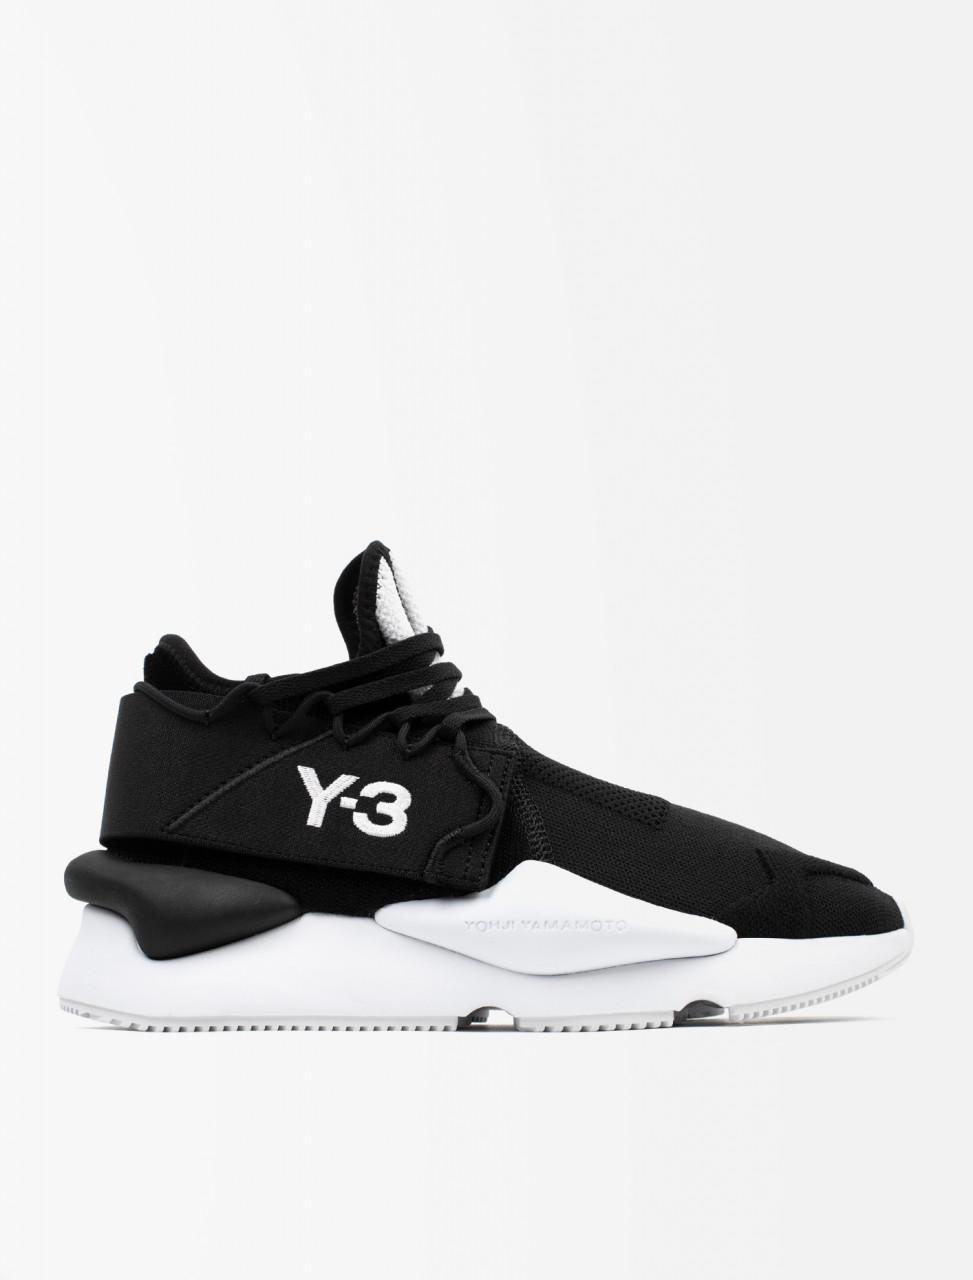 Y-3 Kaiwa Knit Sneaker